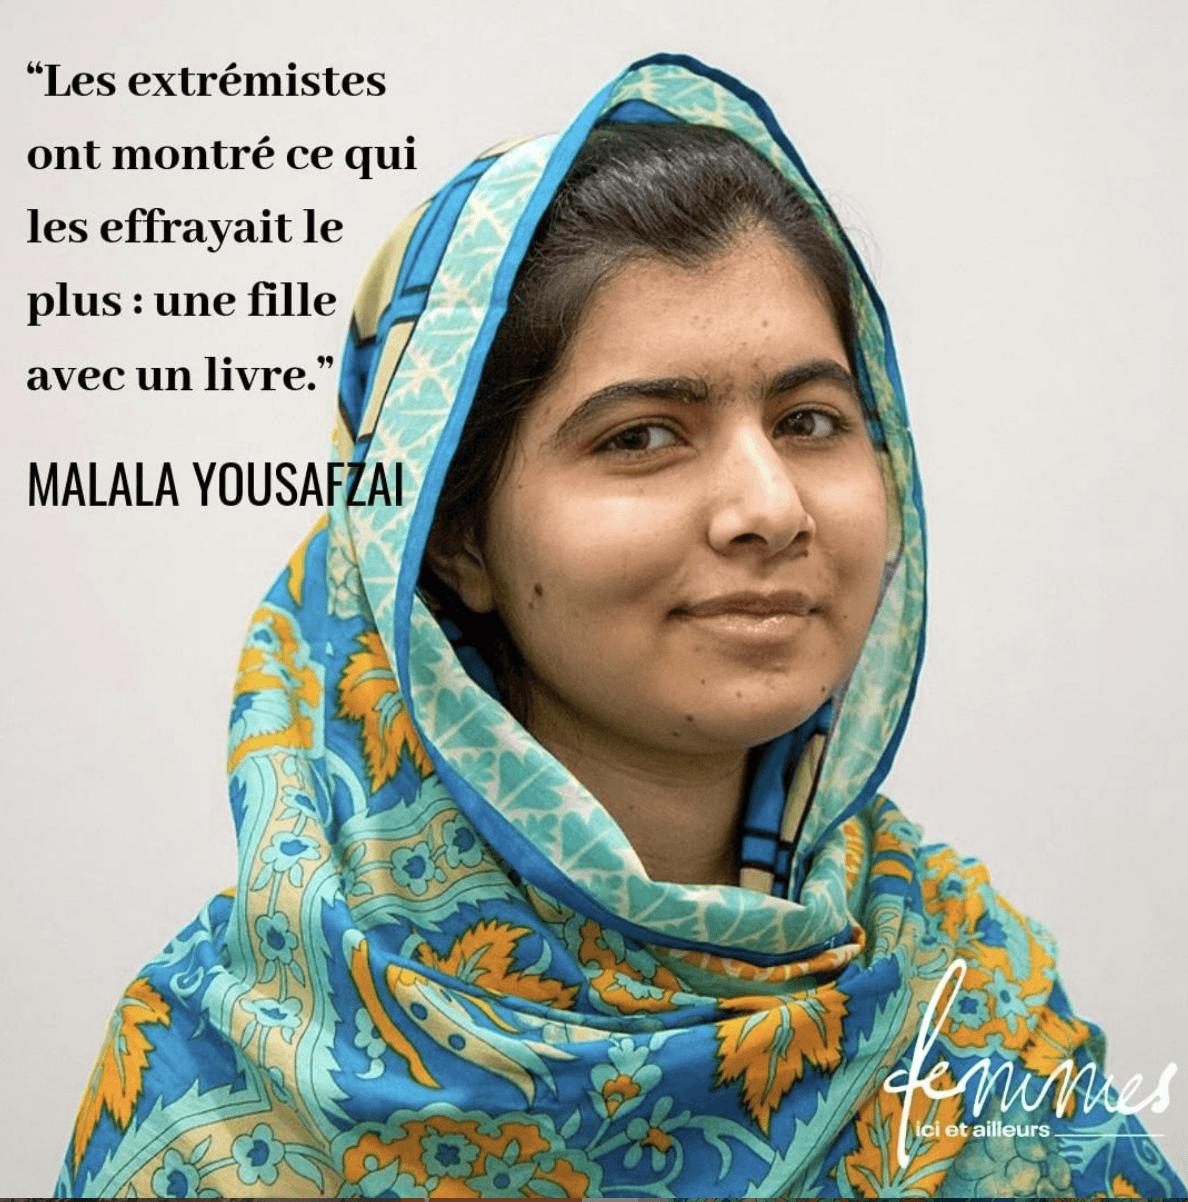 Malala Yousafzai: portrait de femme agissante dans la revue Femmes ici et ailleurs